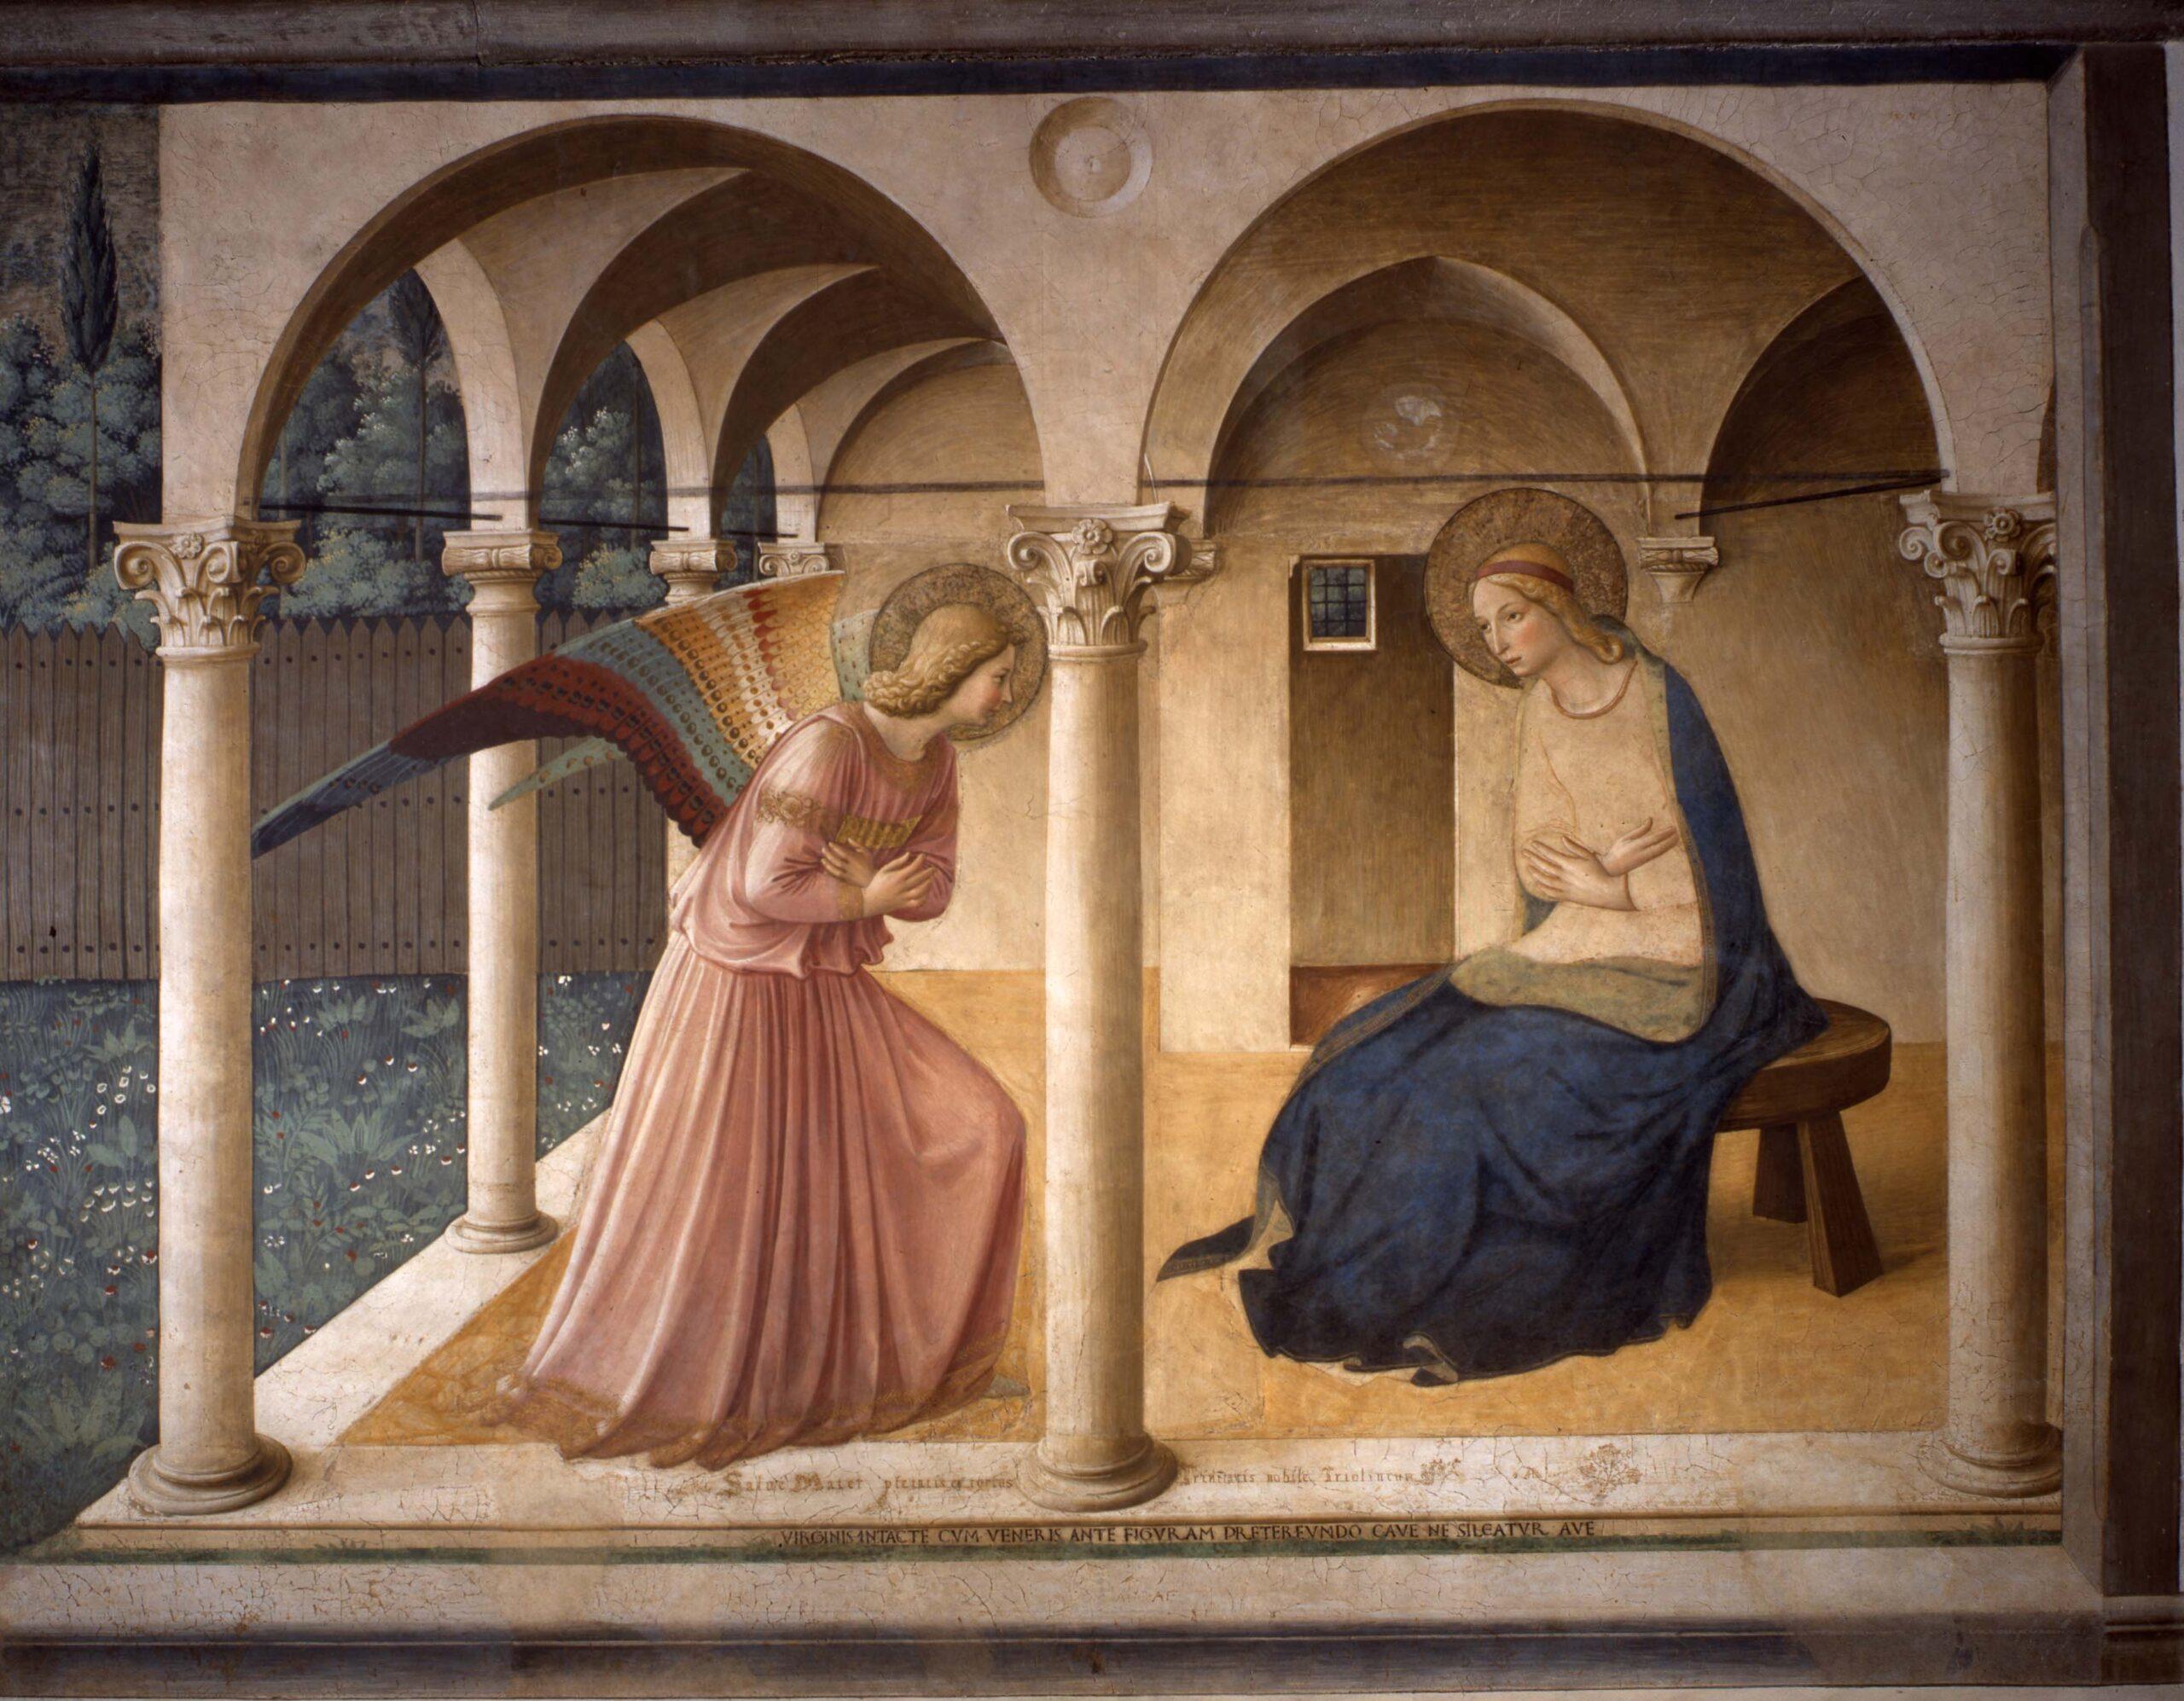 Ha riaperto oggi il Museo di San Marco a Firenze. Riecco la superba Annunciazione di Beato Angelico